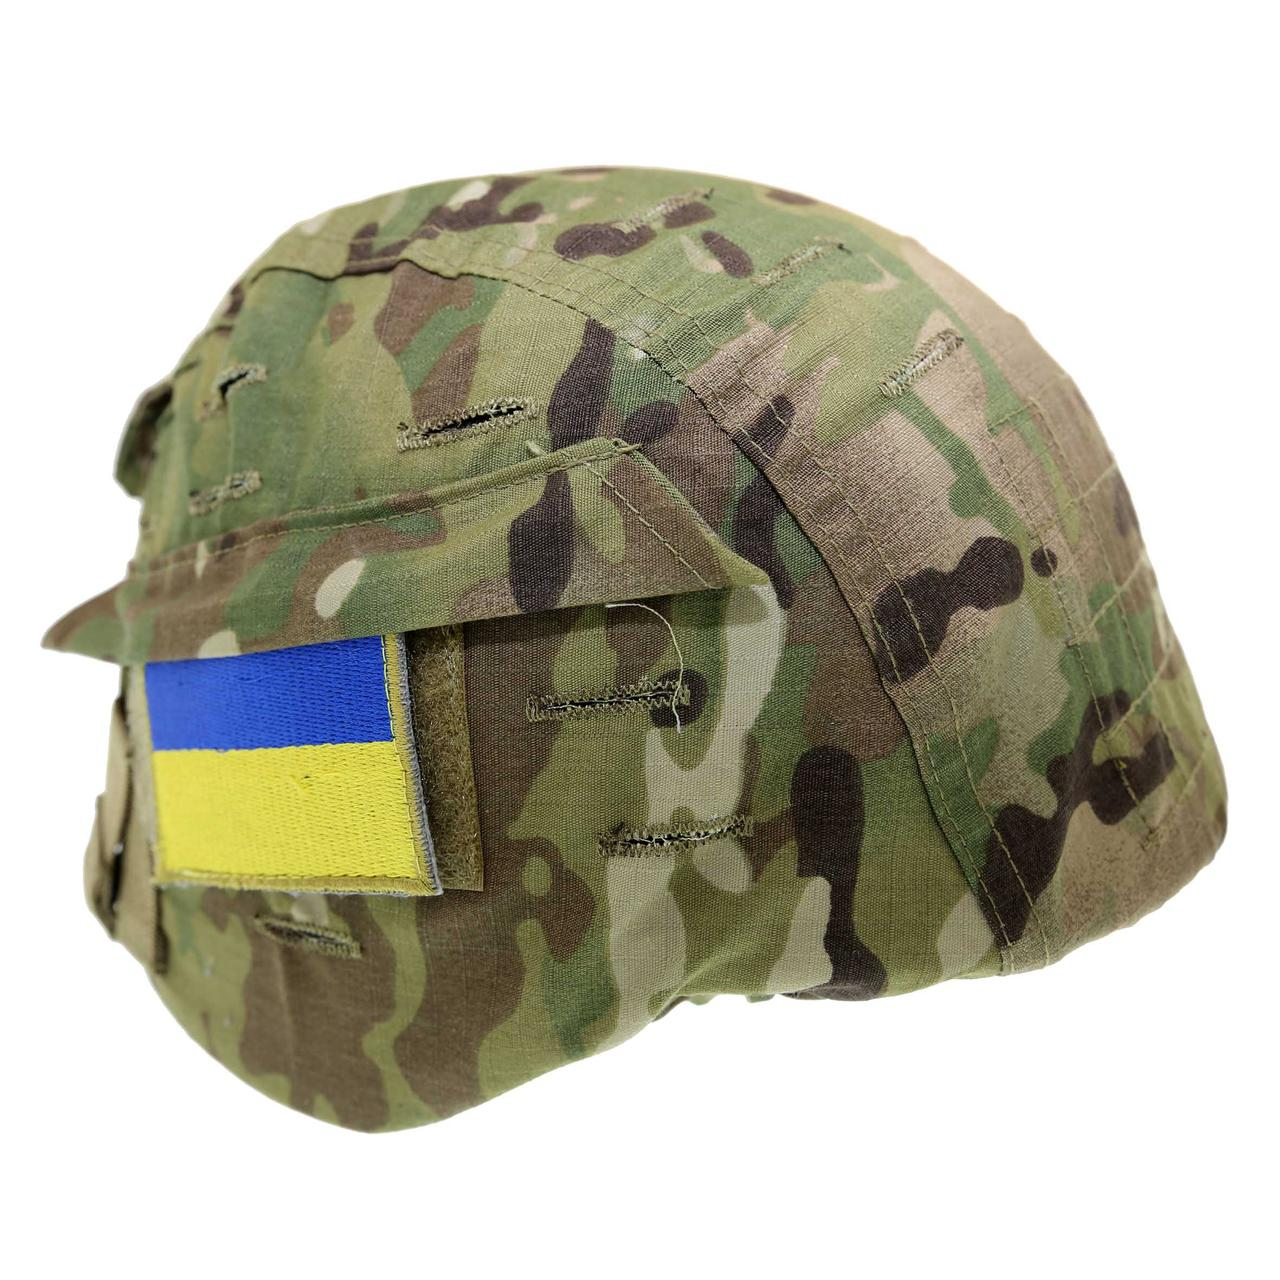 Кавер для шлема PASGT (Multicam) MIL-TEC  16671549